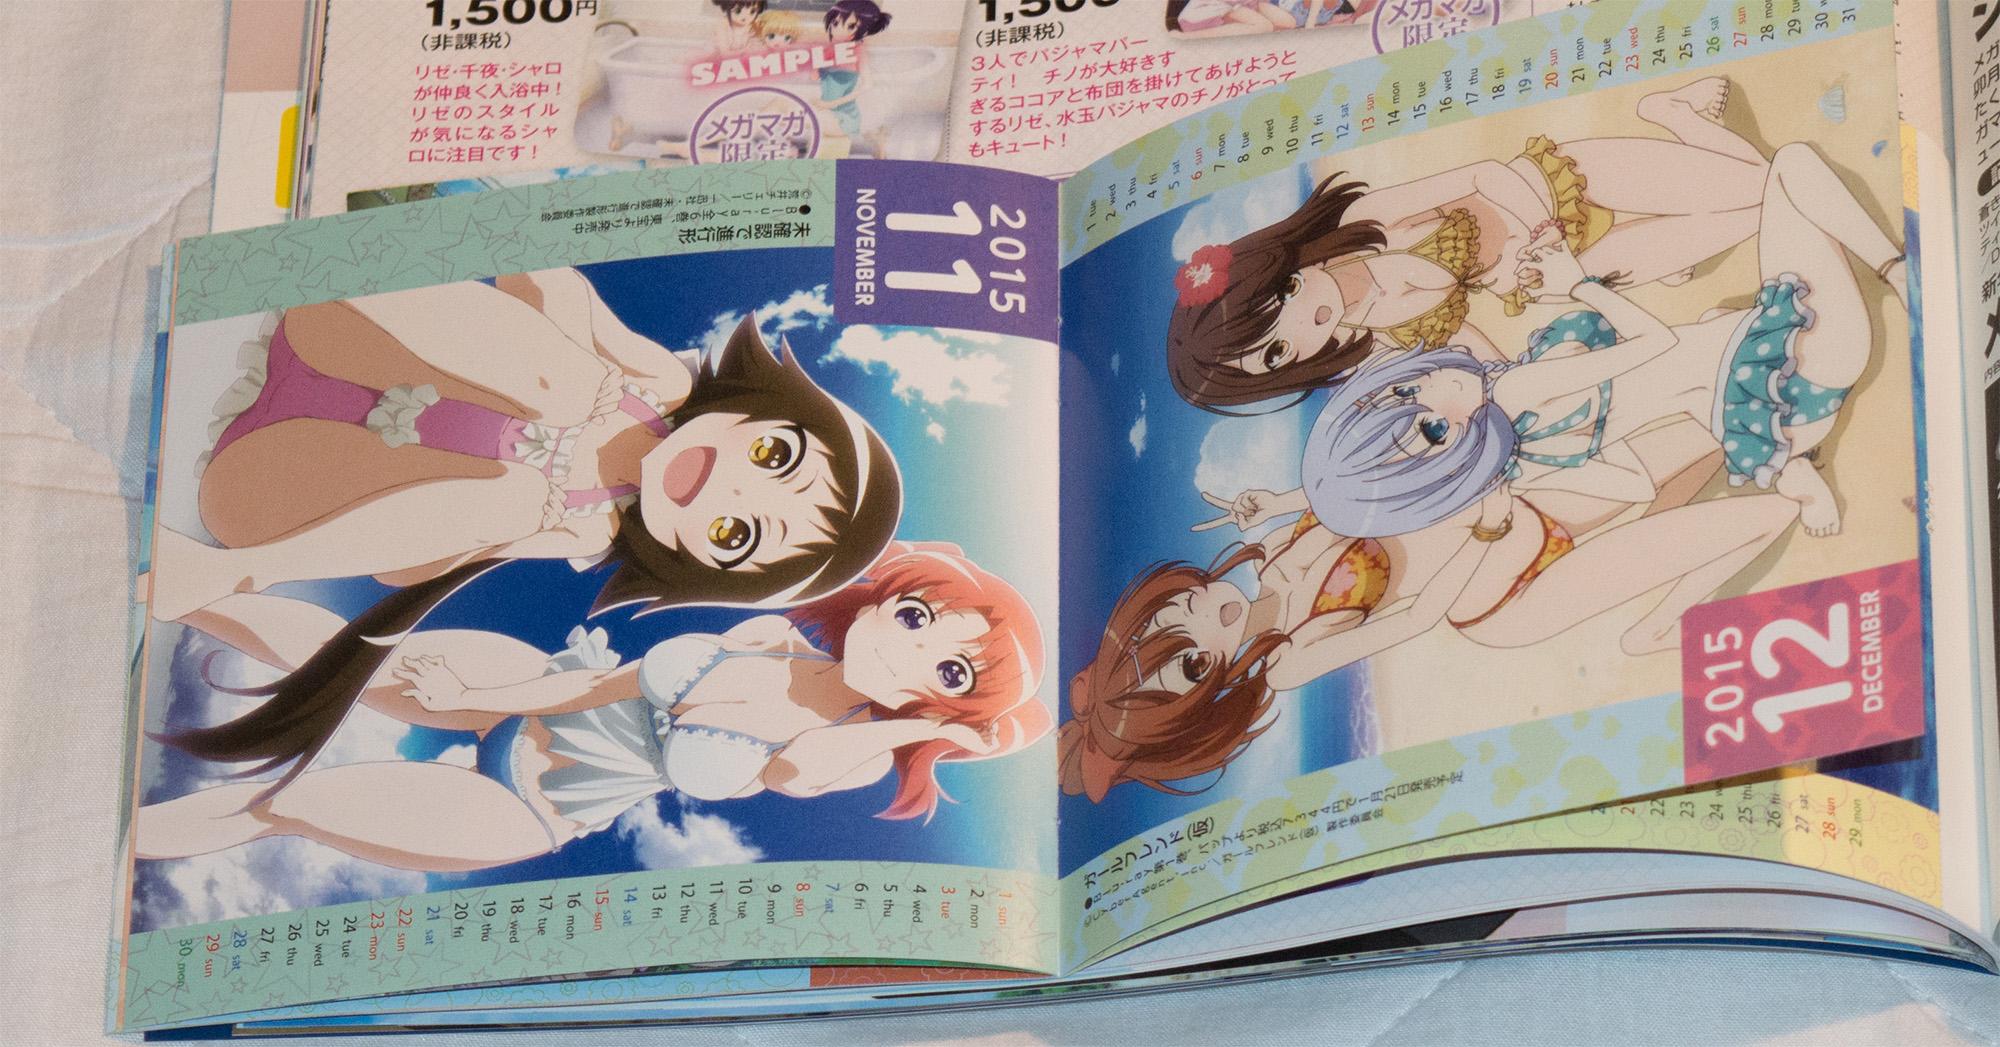 Haruhichan.com Megami MAGAZINE February 2015 anime Calendar 05